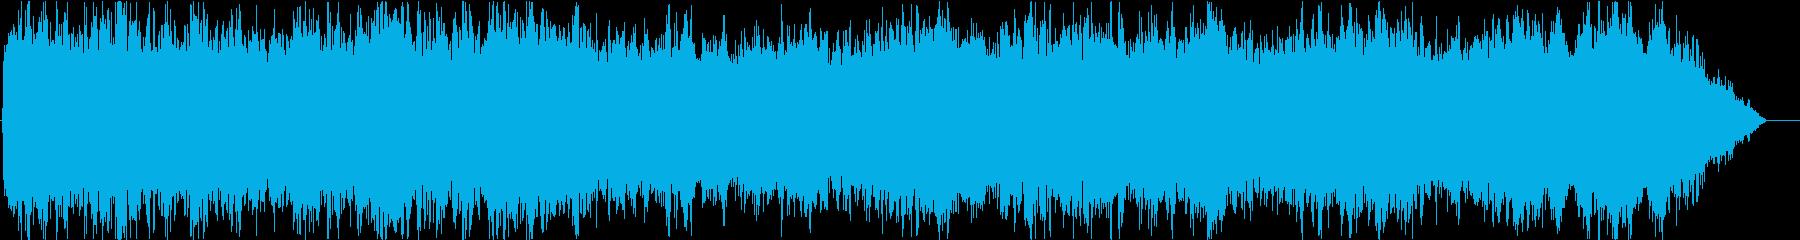 パイプオルガンとコーラス主体の教会BGMの再生済みの波形